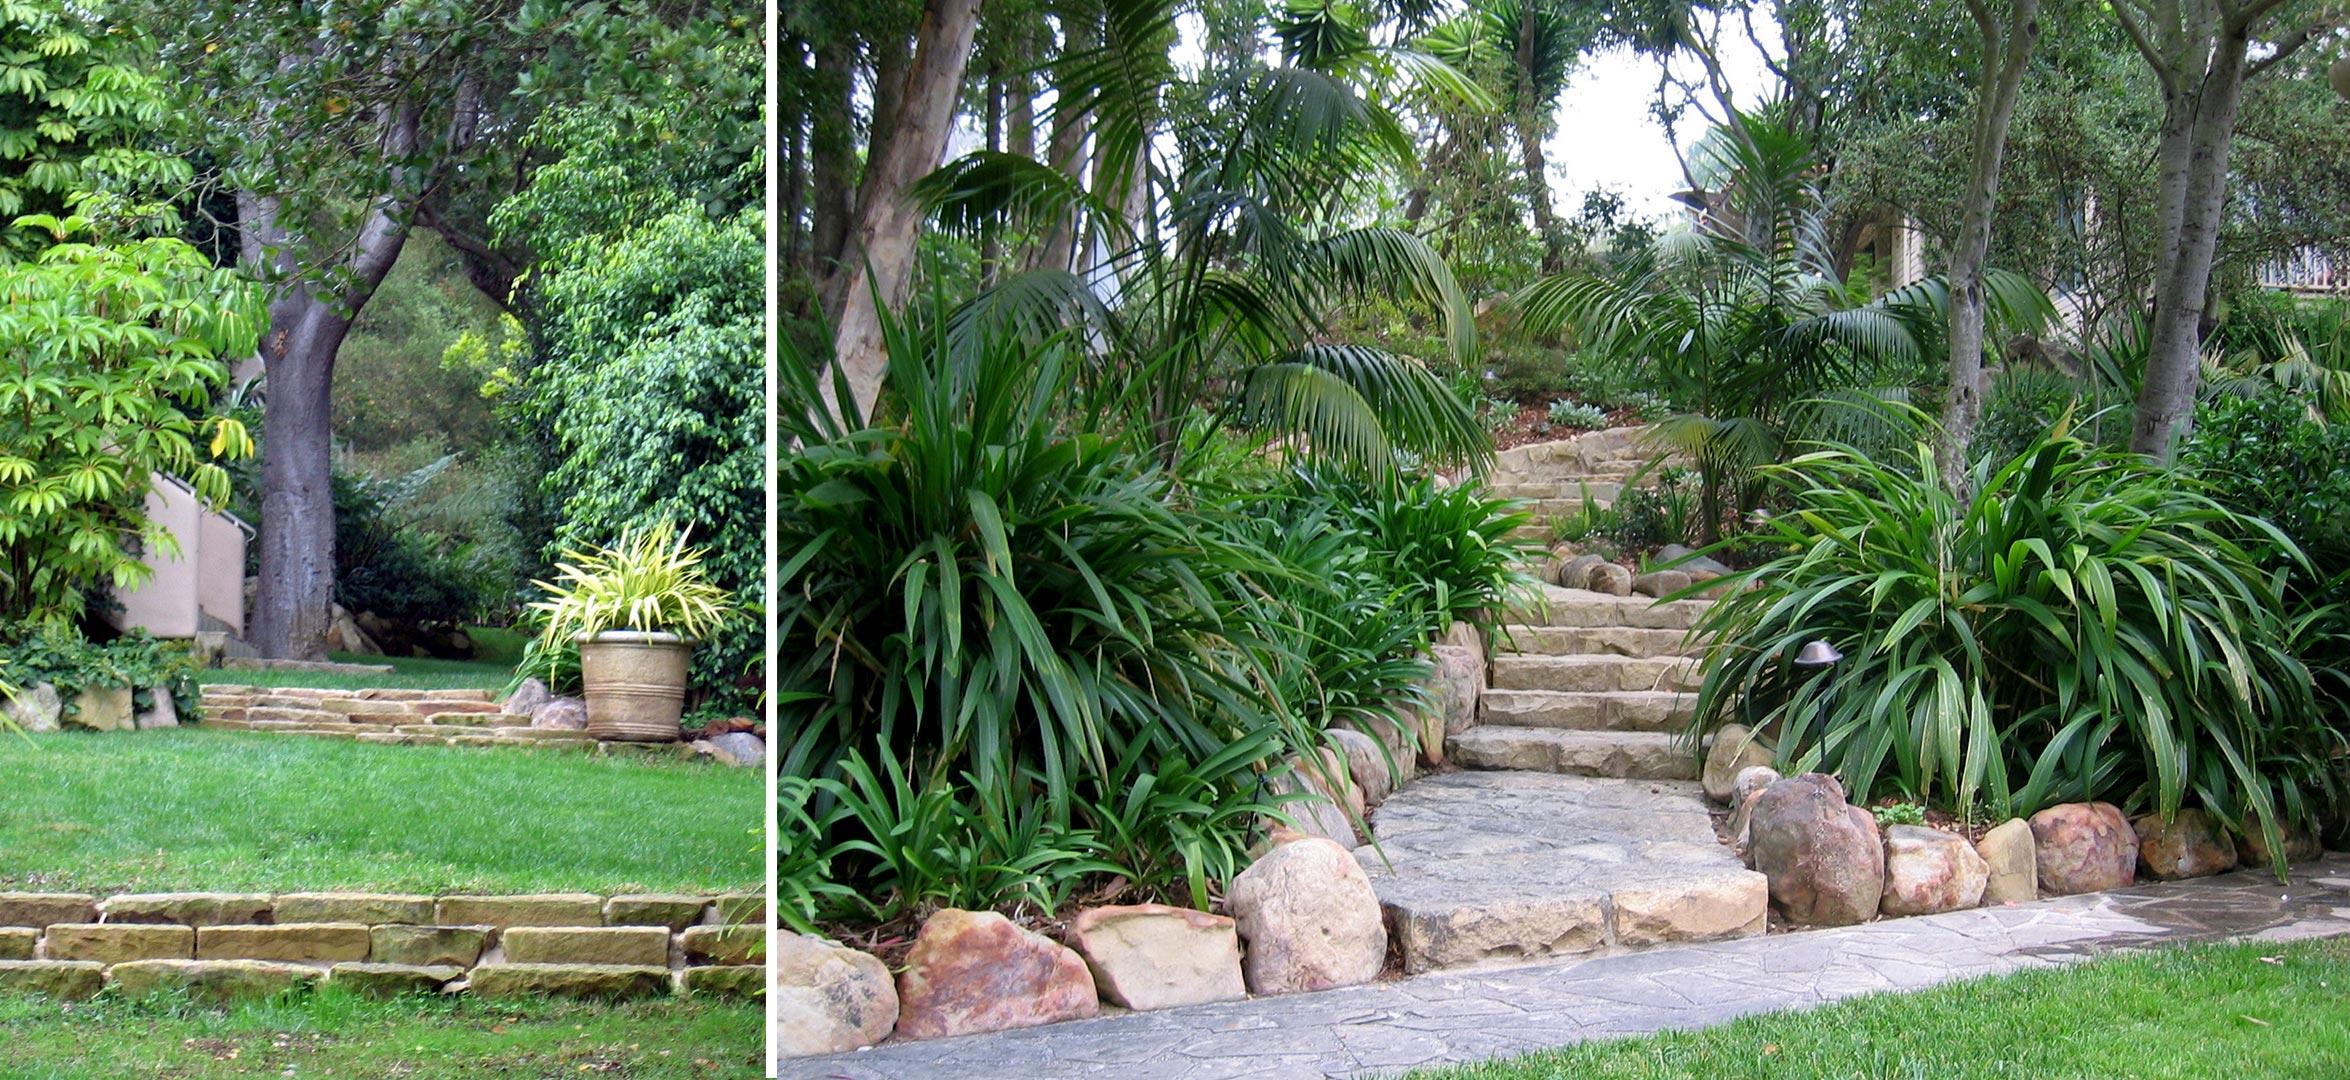 4-stone-steps-grass.jpg